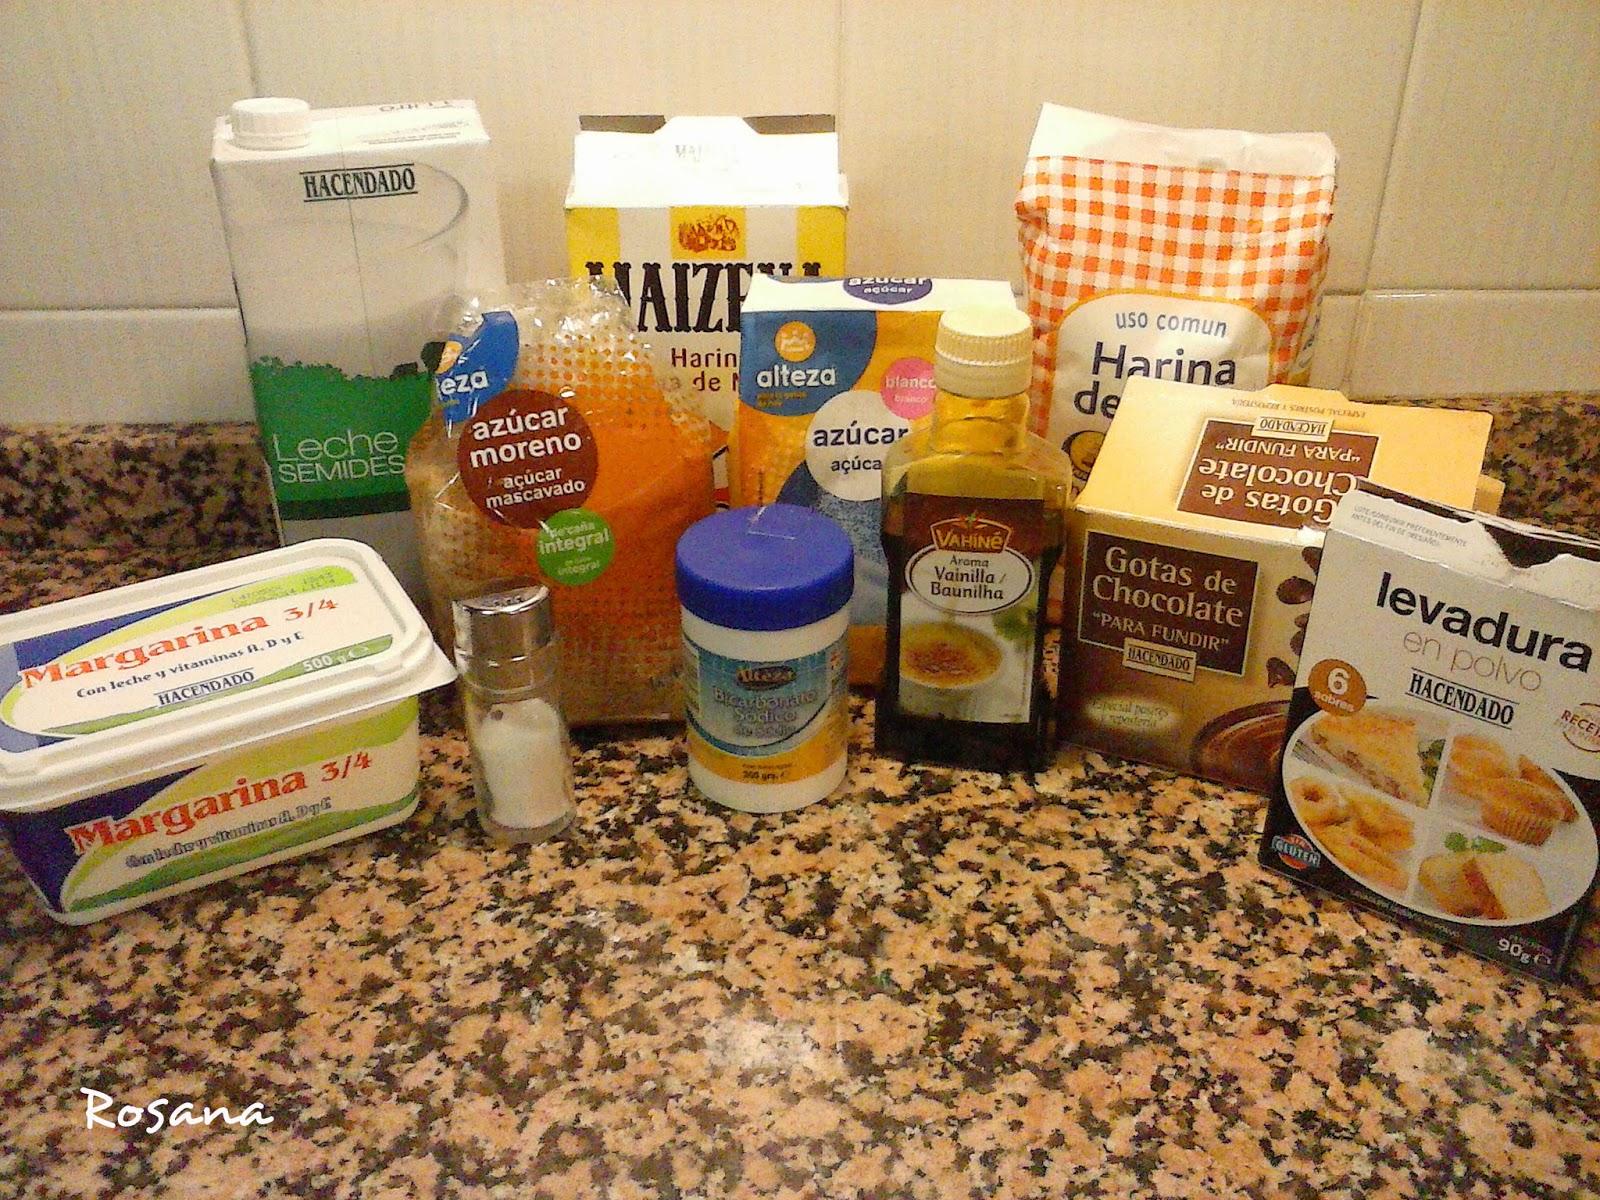 Ingredientes para hacer galletas caseras